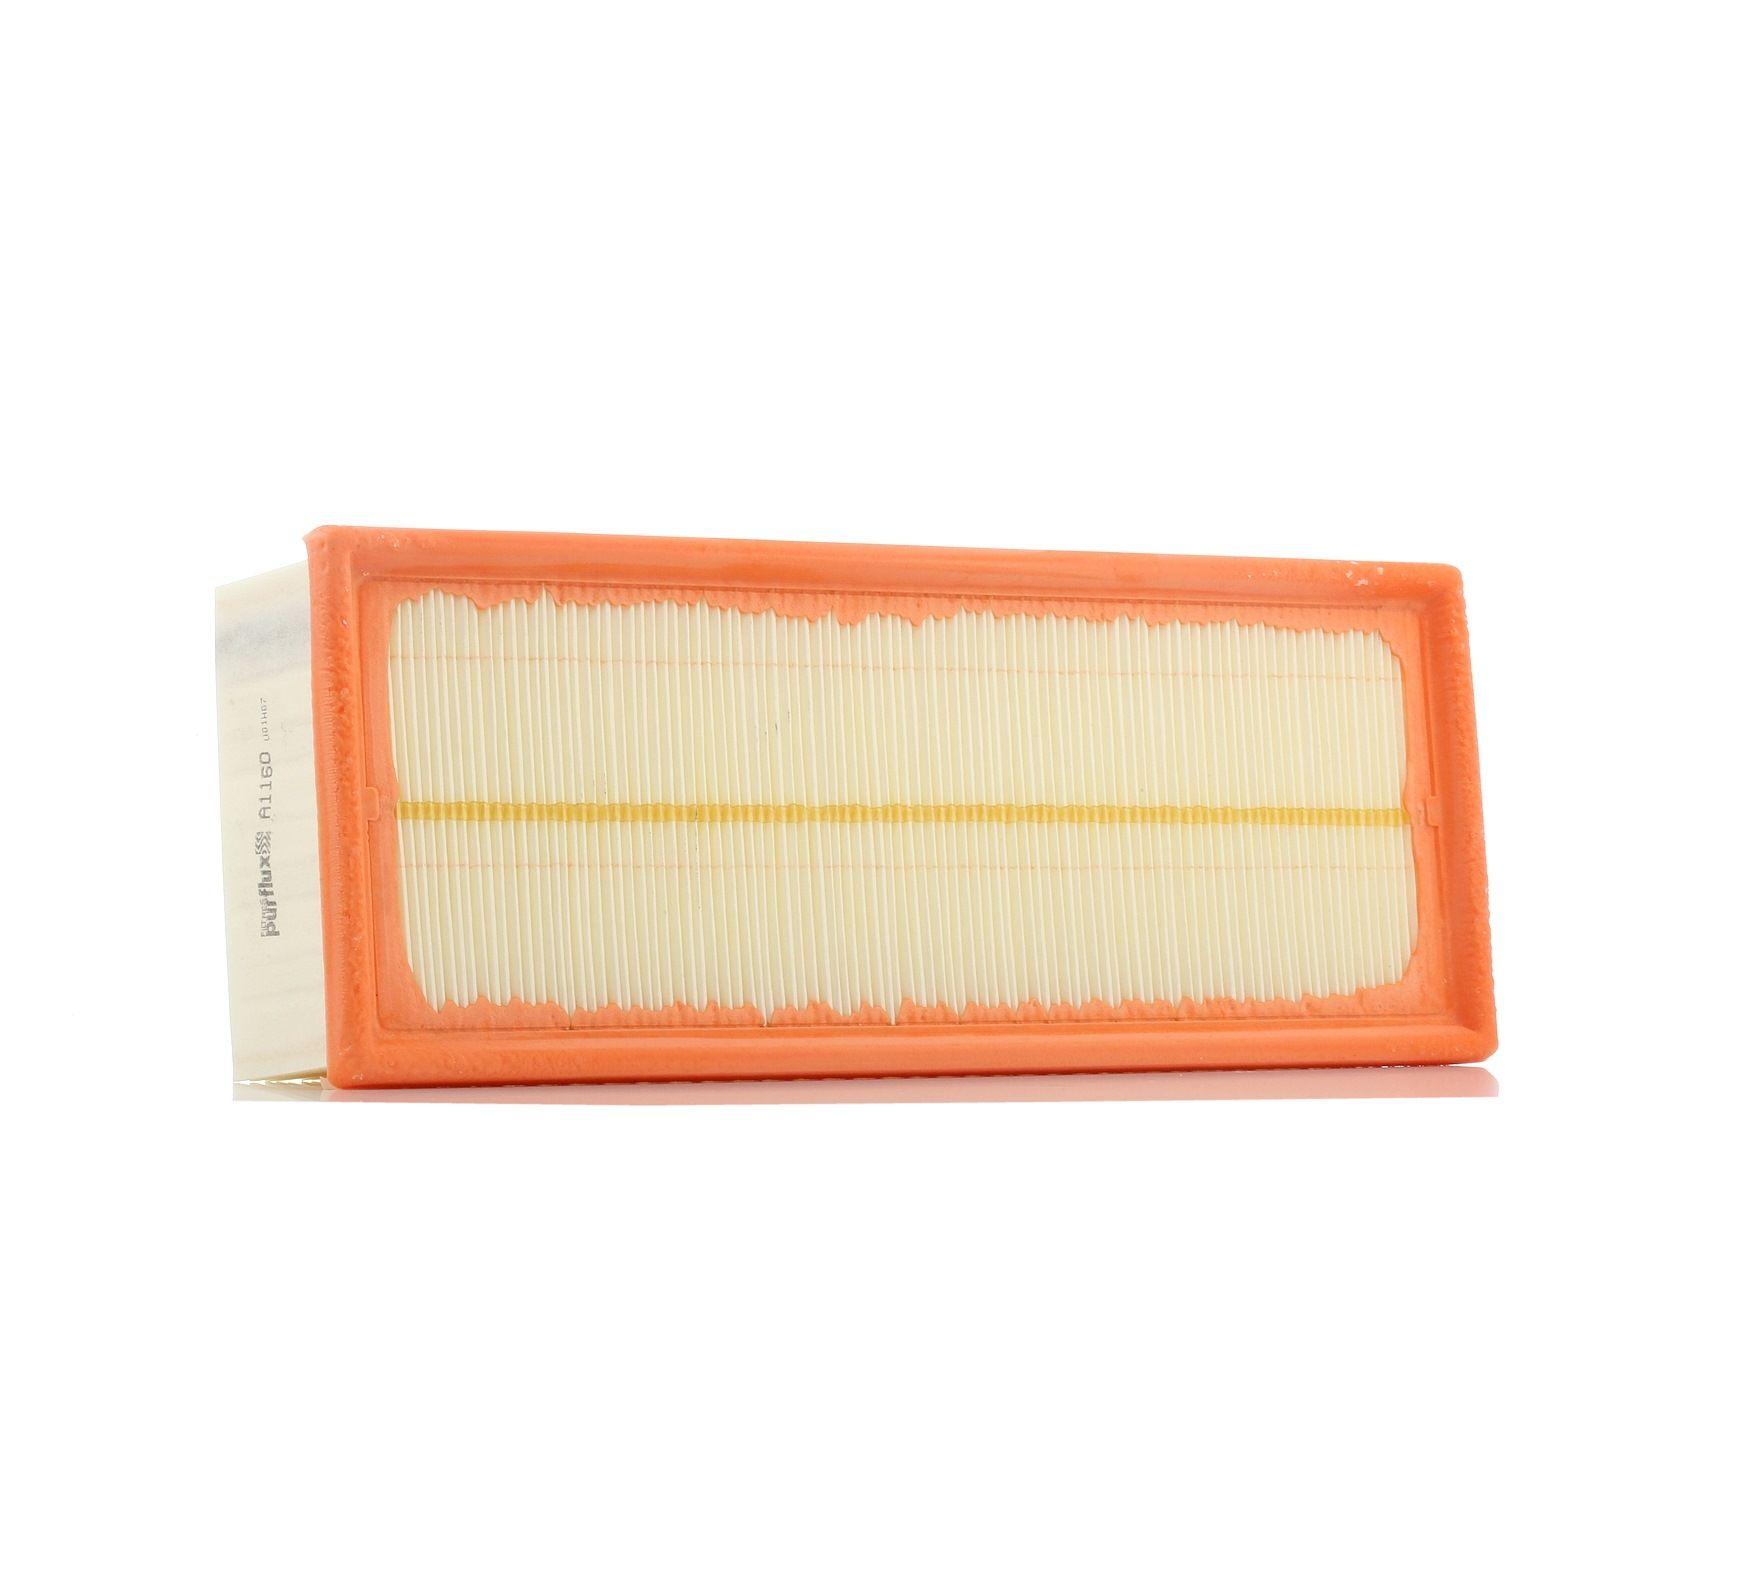 Achetez Filtre à air PURFLUX A1160 (Longueur: 345mm, Longueur: 345mm, Largeur: 135mm, Hauteur: 70mm) à un rapport qualité-prix exceptionnel